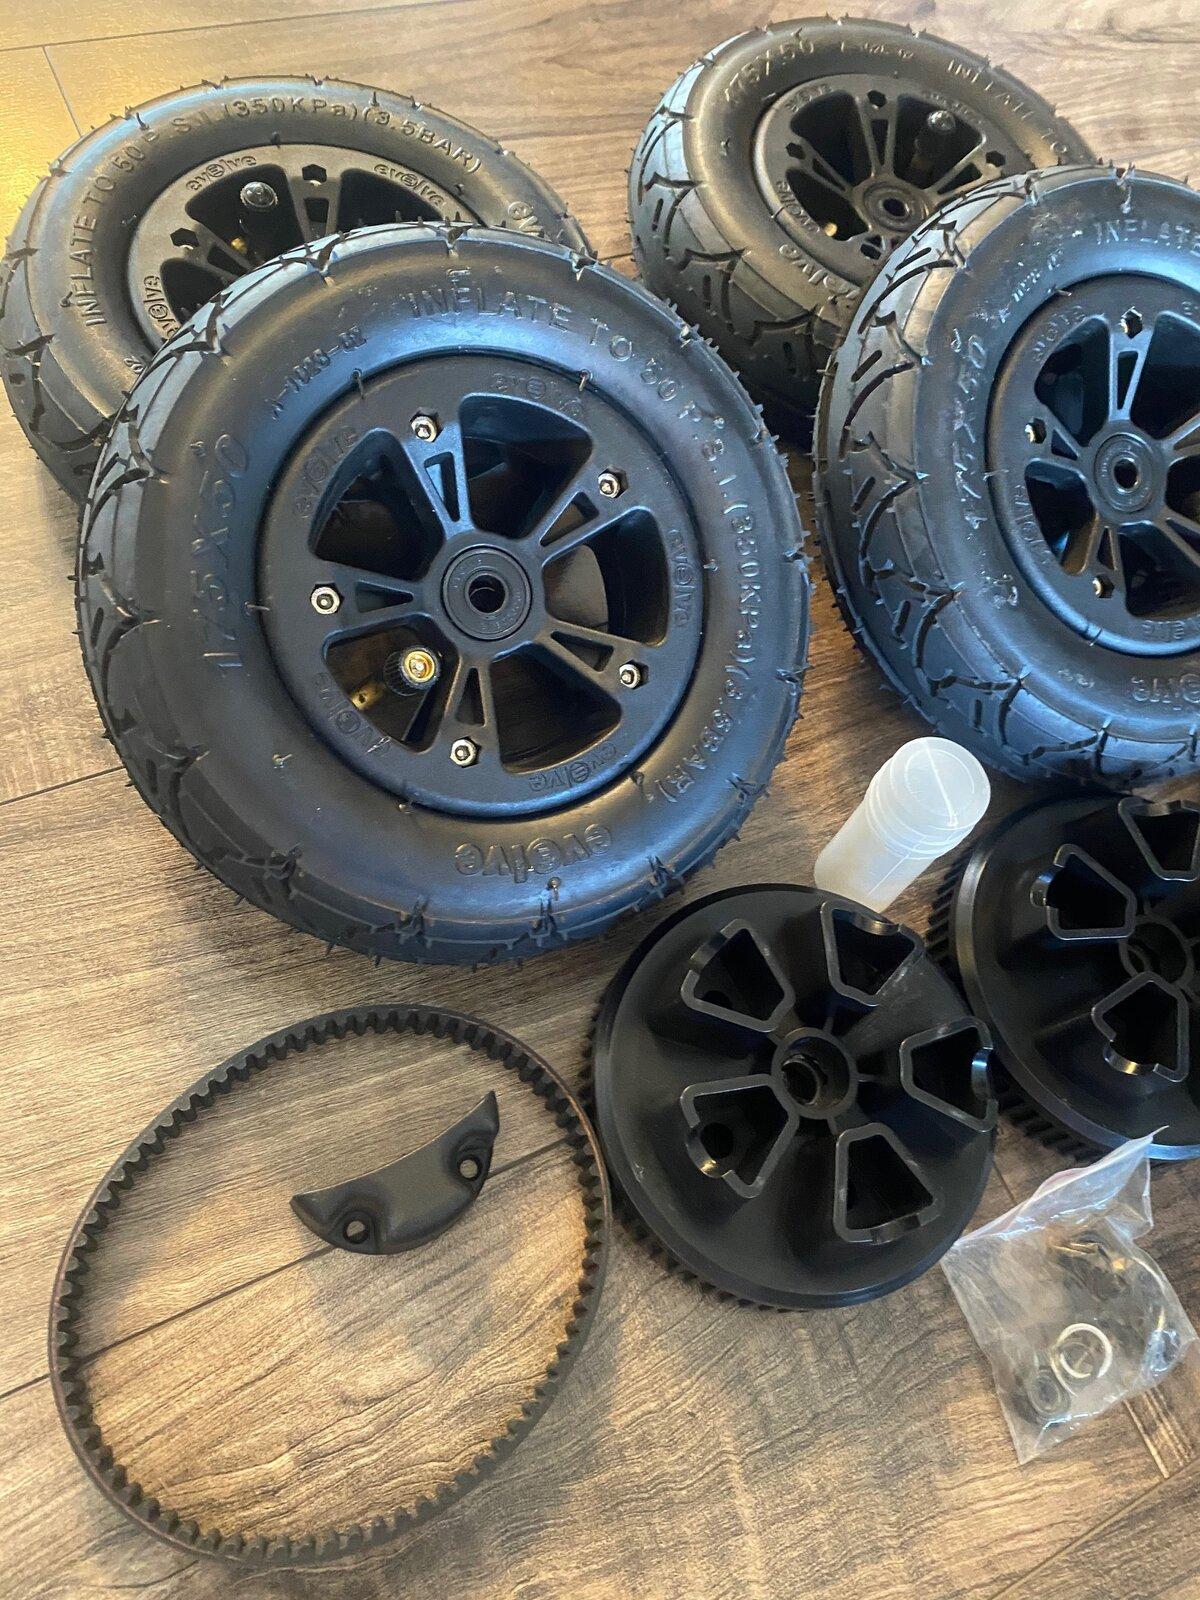 Evolve All Terrain Wheels Conversion For Sale 3.jpg